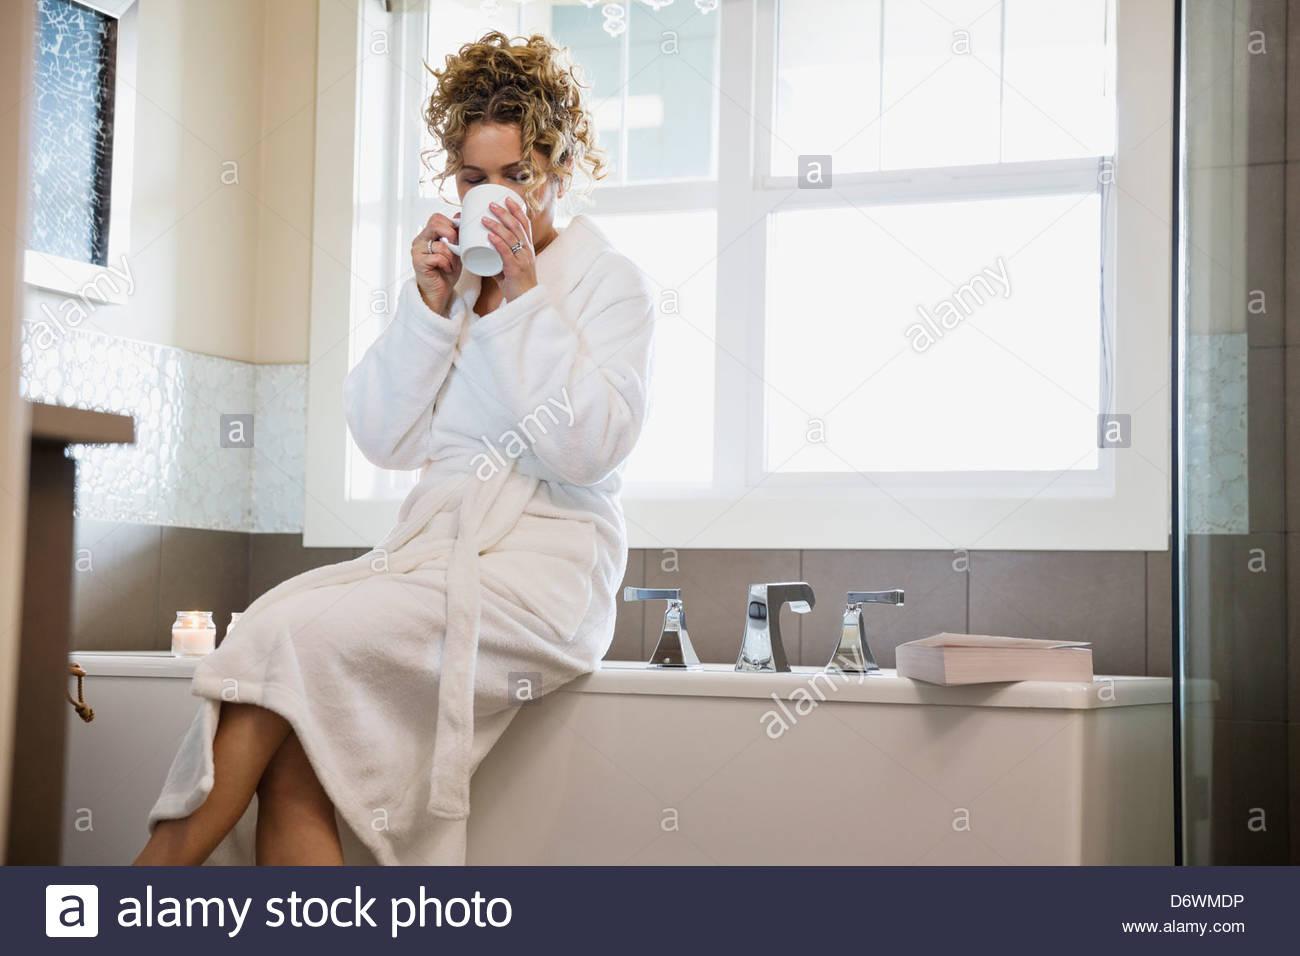 Donna matura in accappatoio di bere il caffè seduti sulla vasca da bagno Immagini Stock